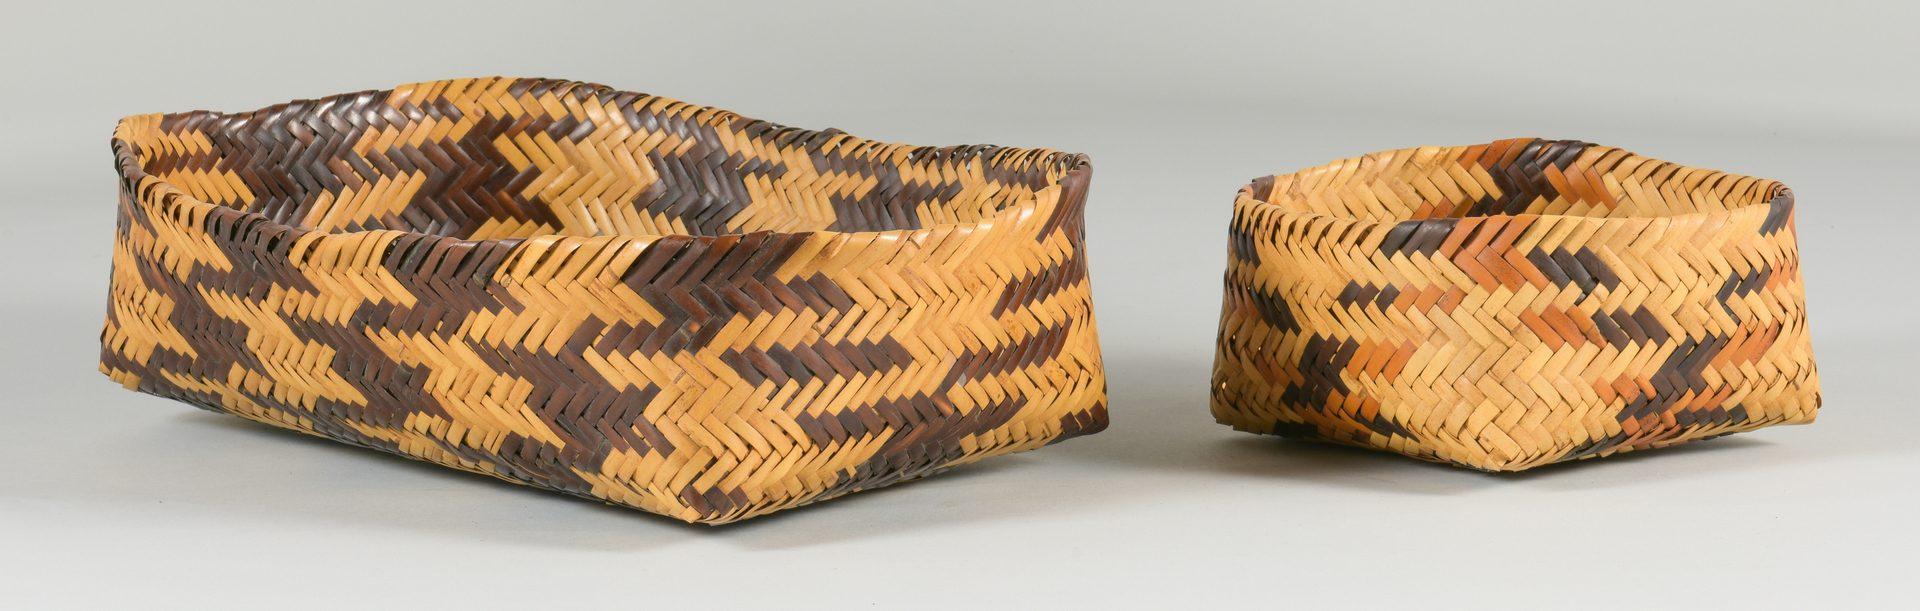 Lot 508: 2 Cherokee Double Weave Rivercane Baskets